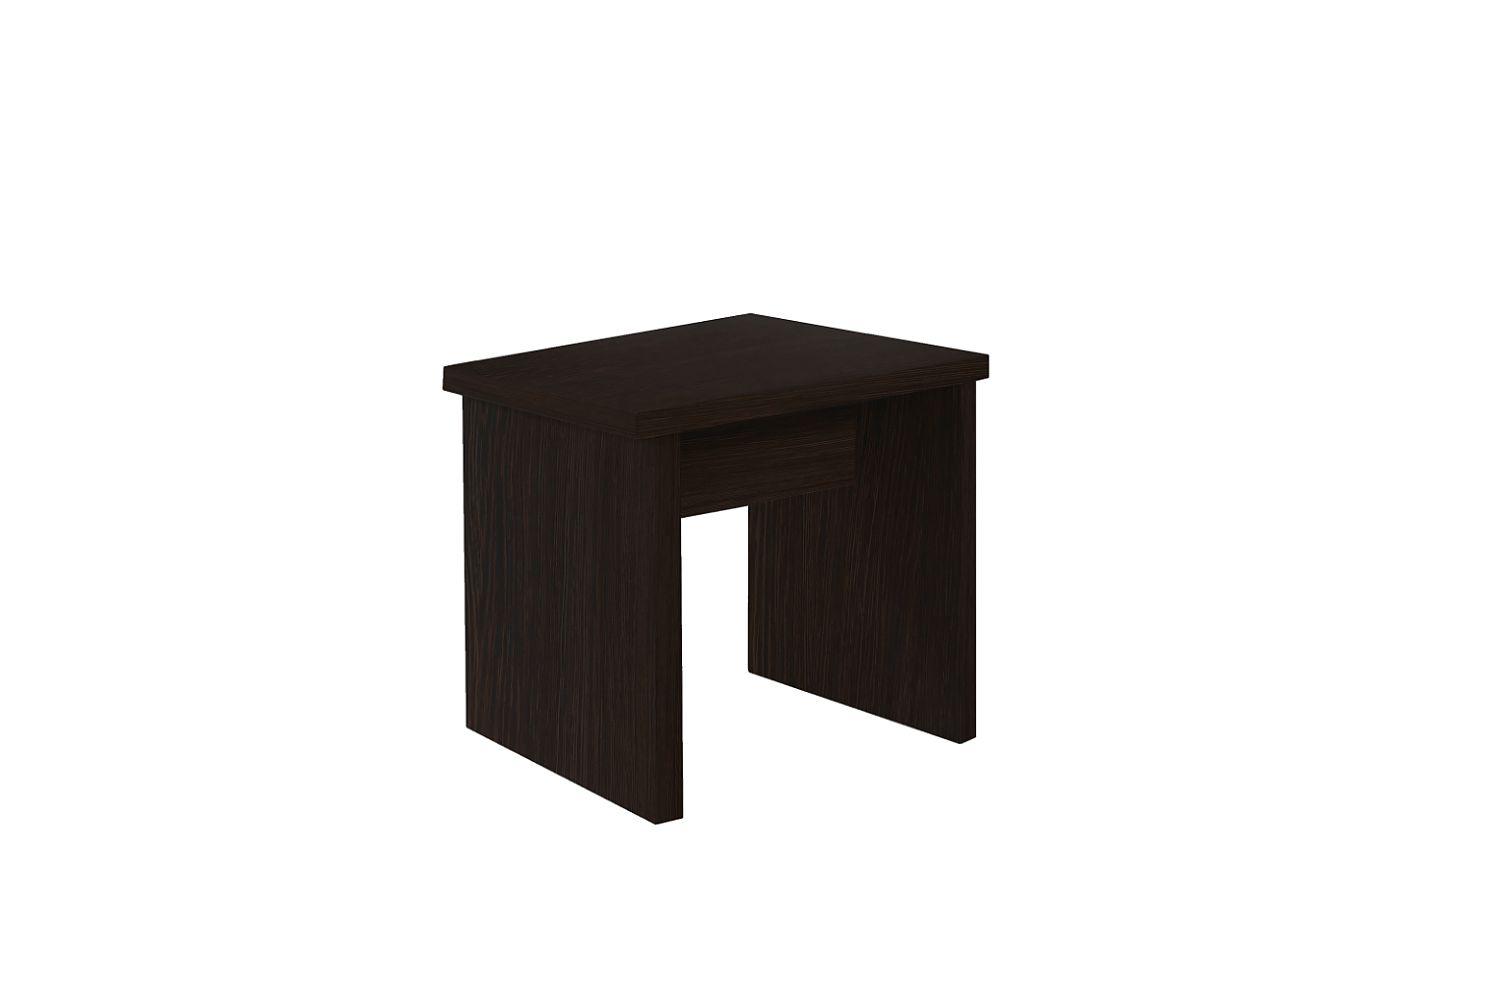 Sitzhocker Neu Stuhl Dielenhocker Hocker Barhocker Holz Modern | Ebay Bank Und Stuhl Modern